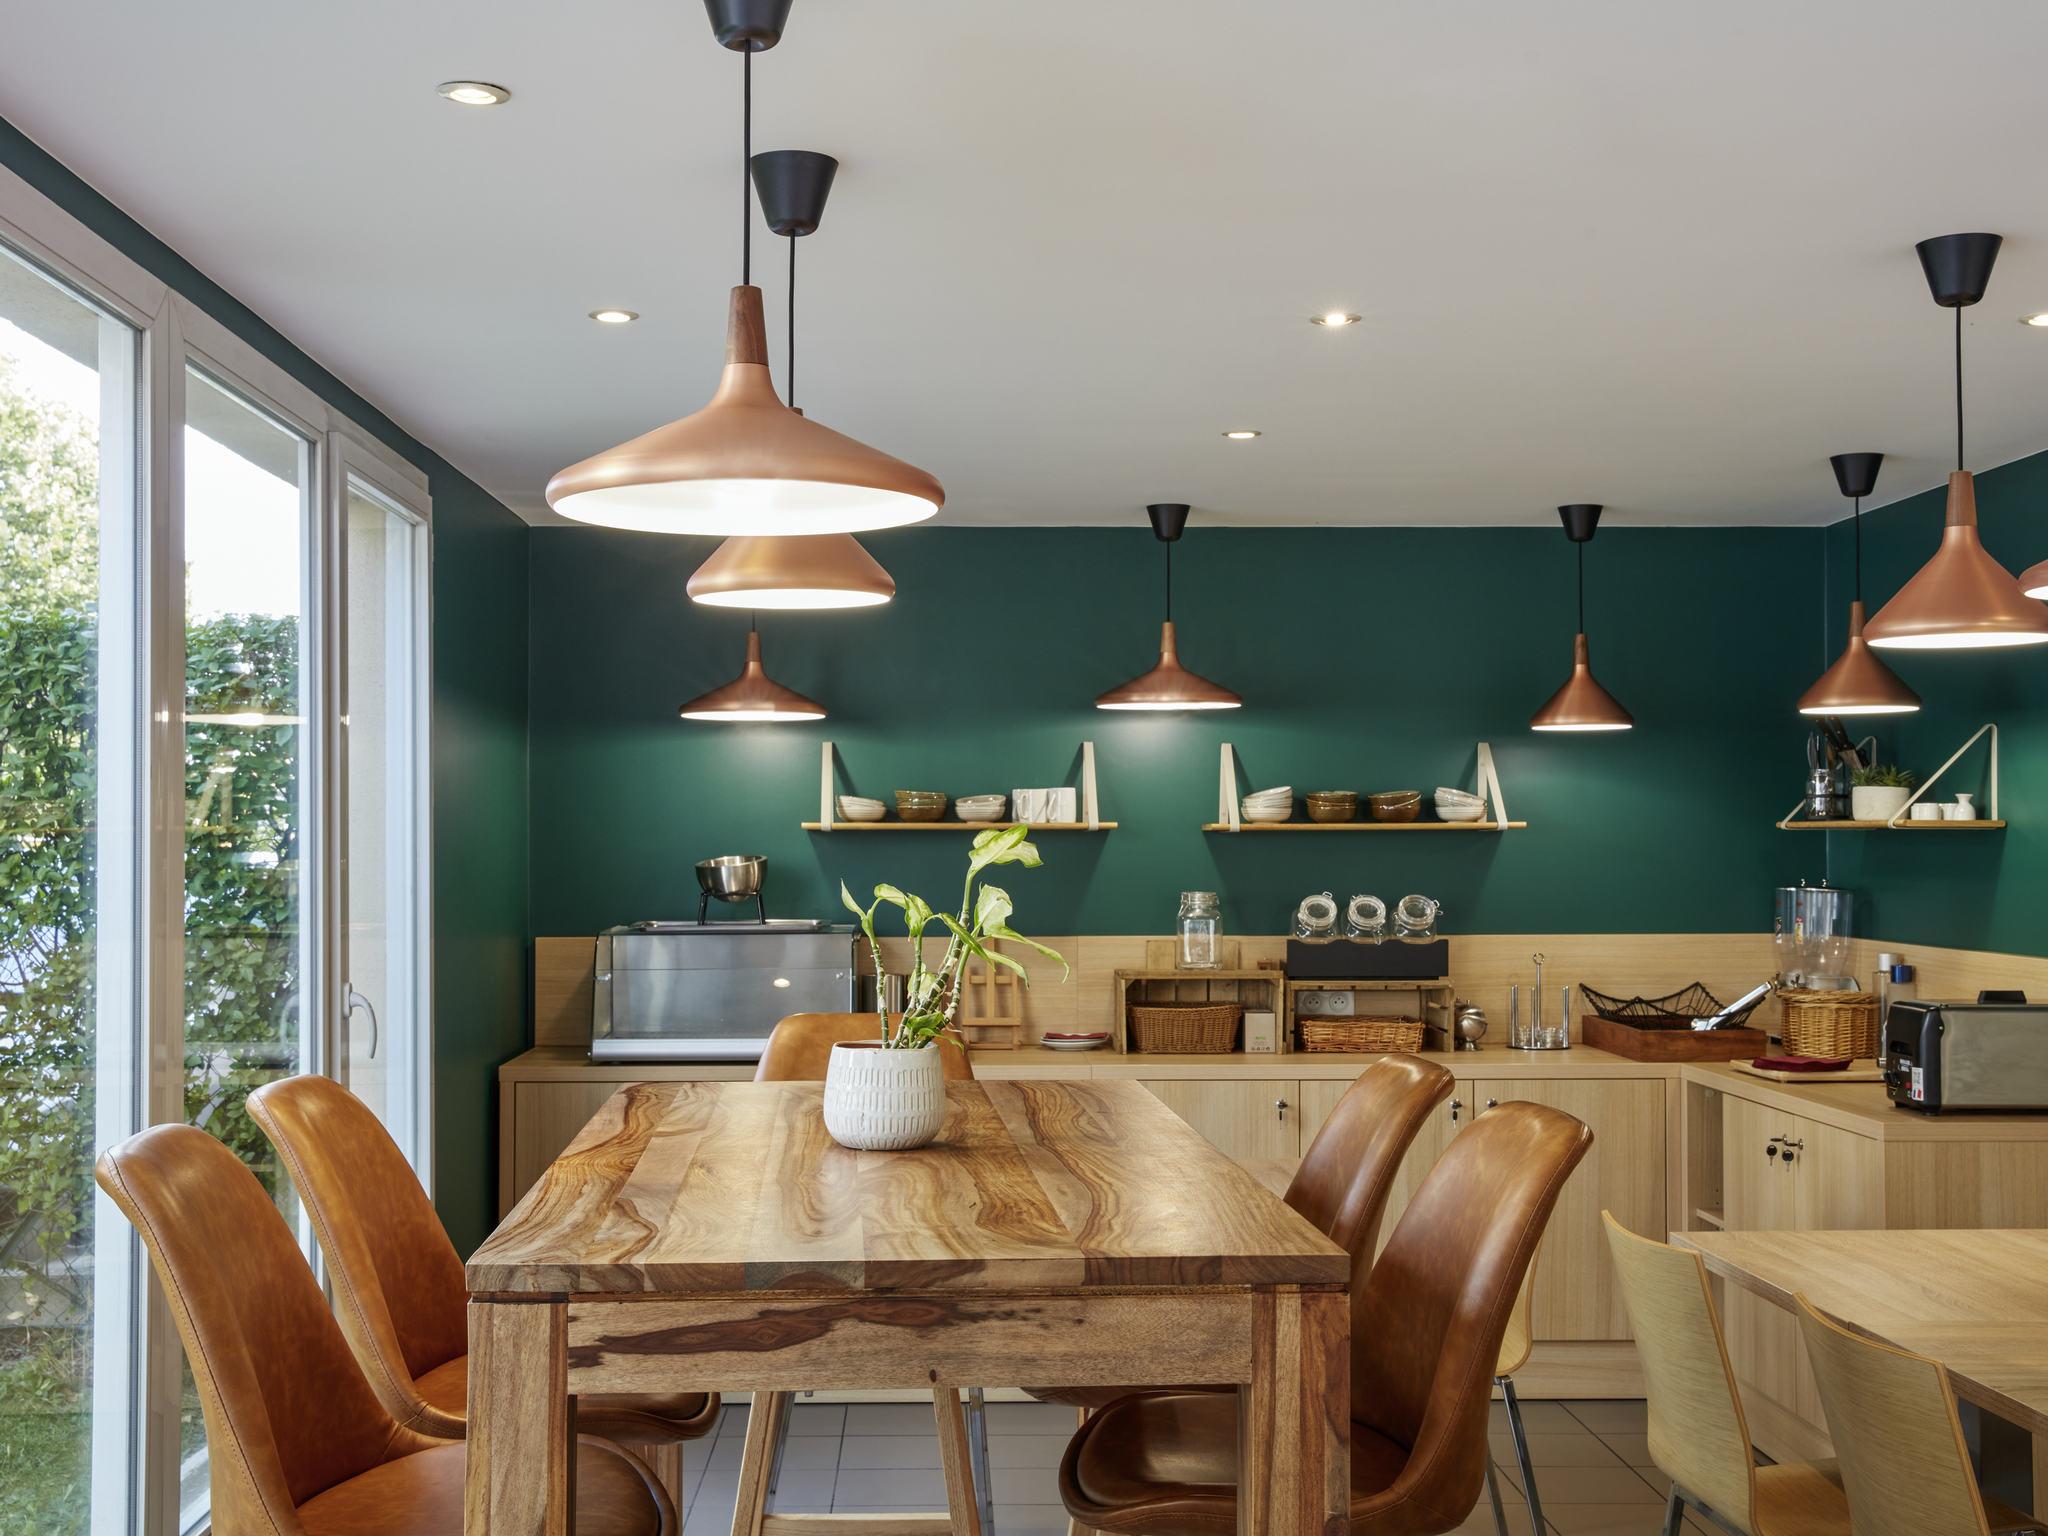 Отель — Aparthotel Adagio access Carrières-sous-Poissy